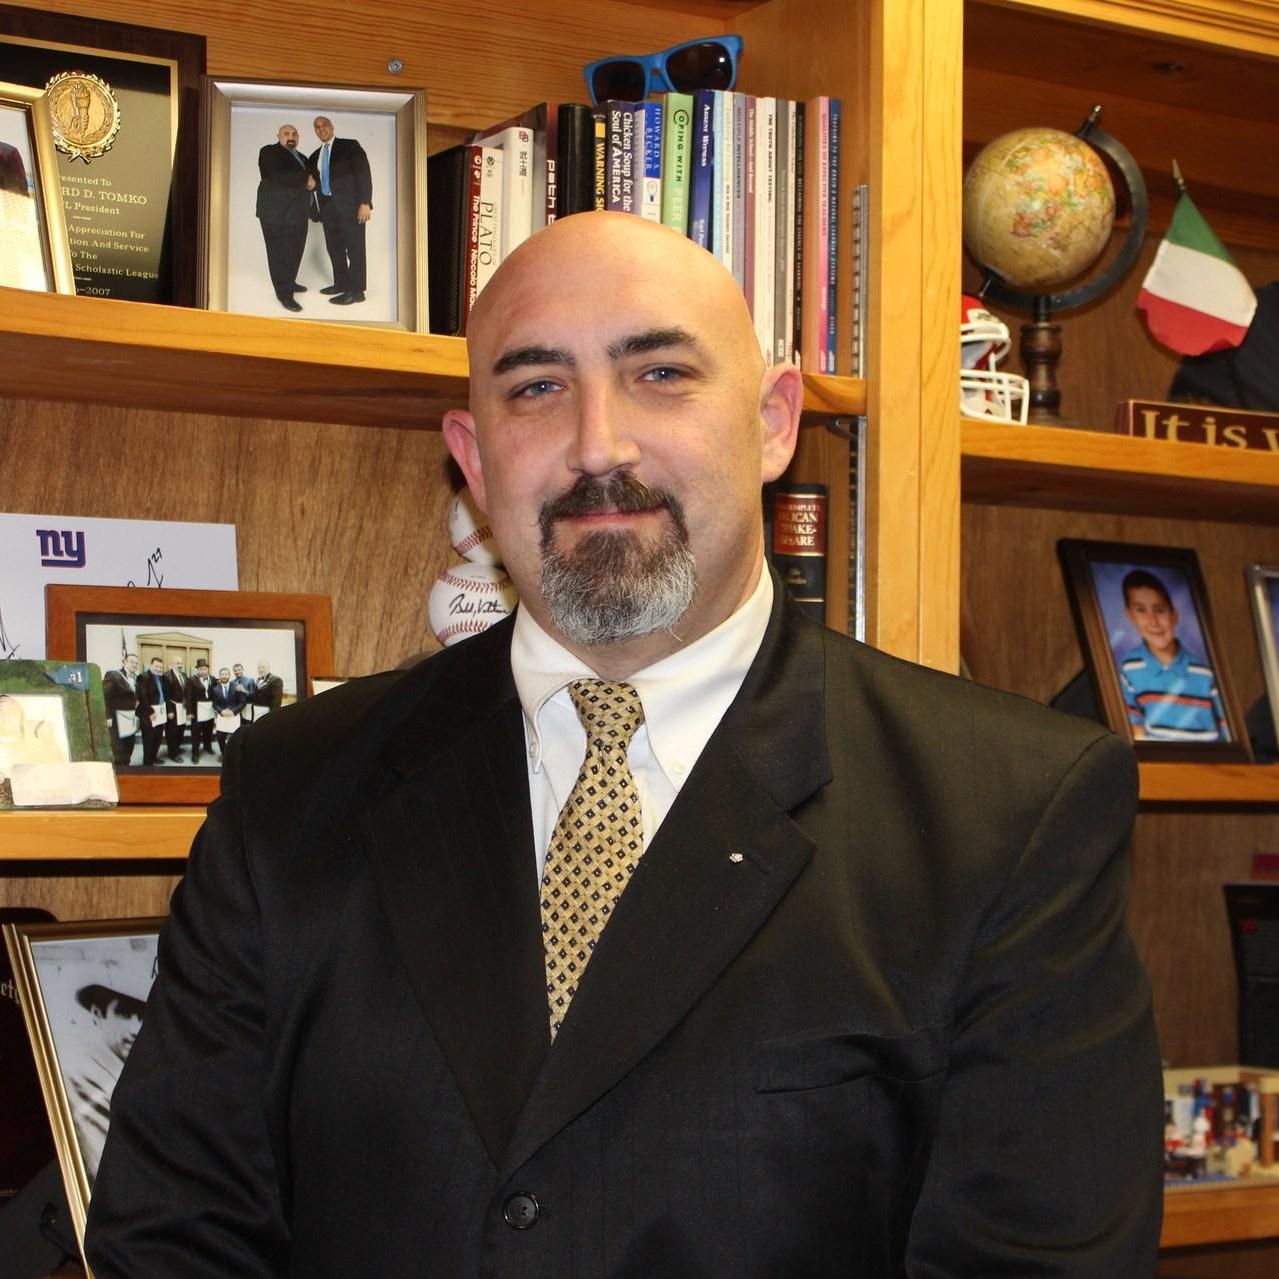 Richard D. Tomko, Ph.D., M.J.'s Profile Photo